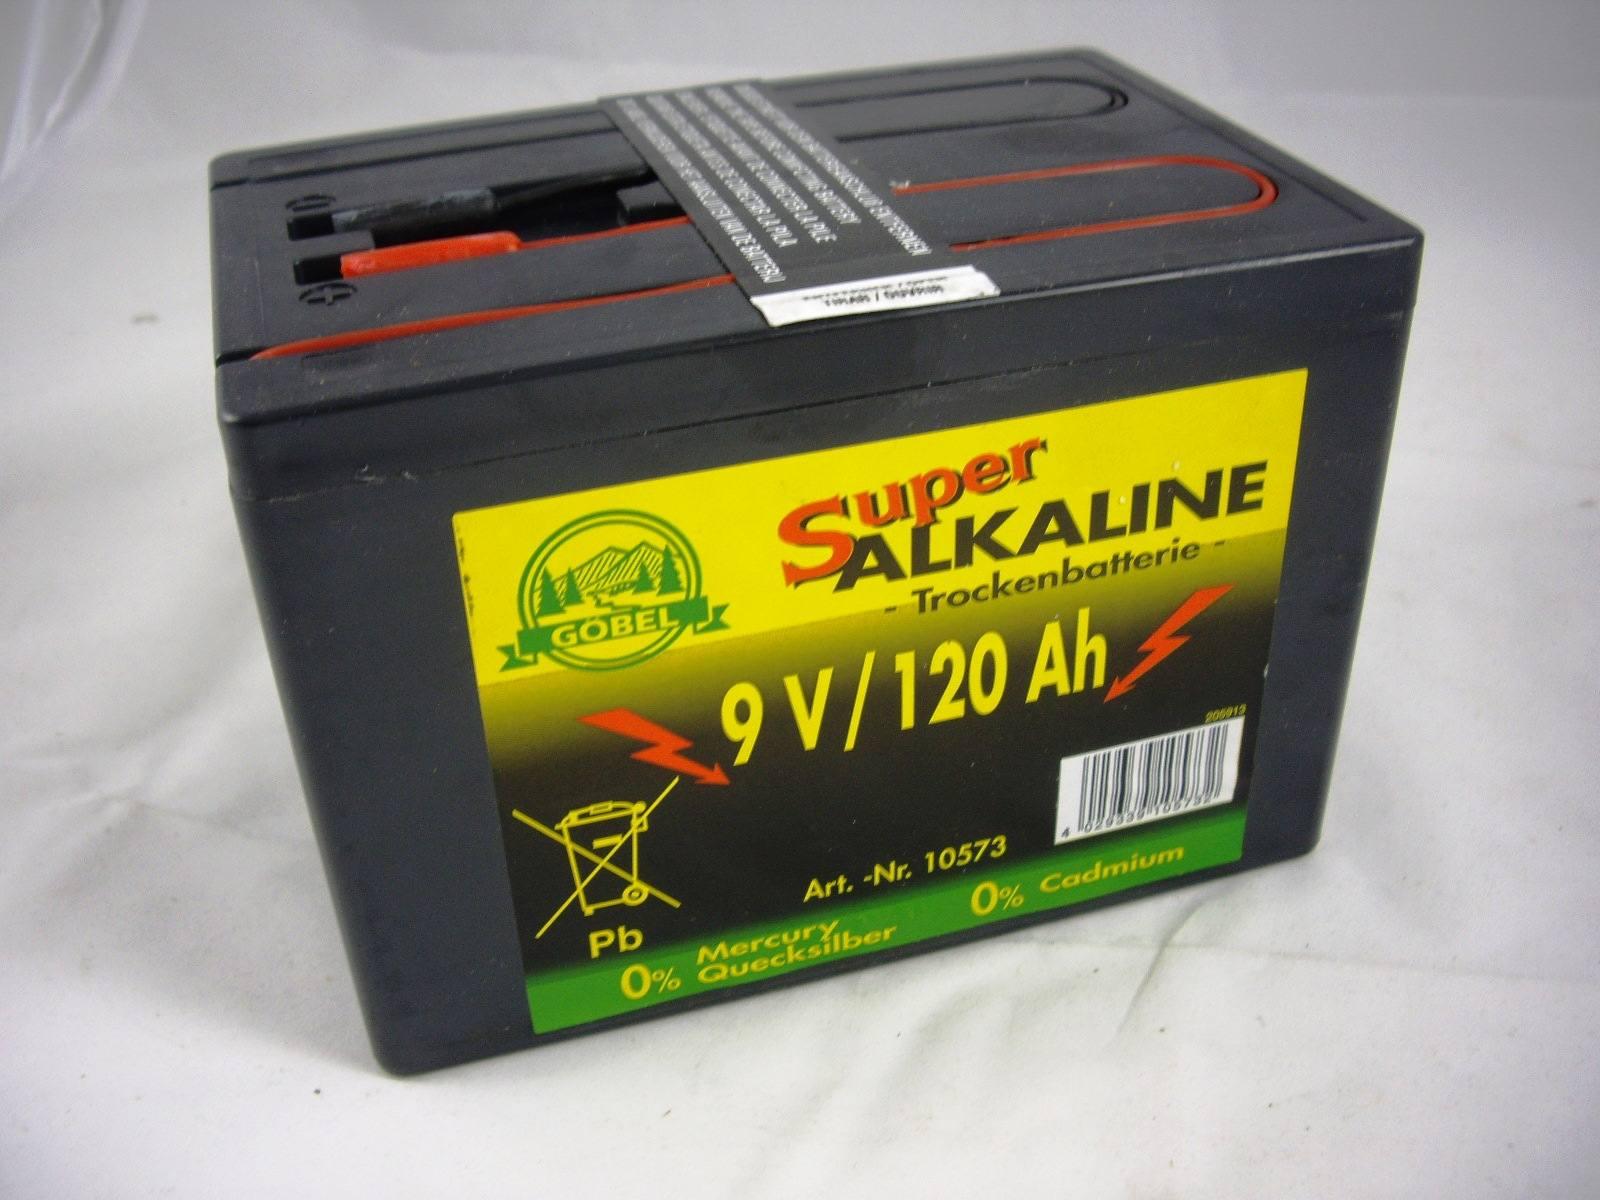 Weidezaunbatterie Alkaline 9Volt 75AH Weidezaun Batterie f Weidezaungerät